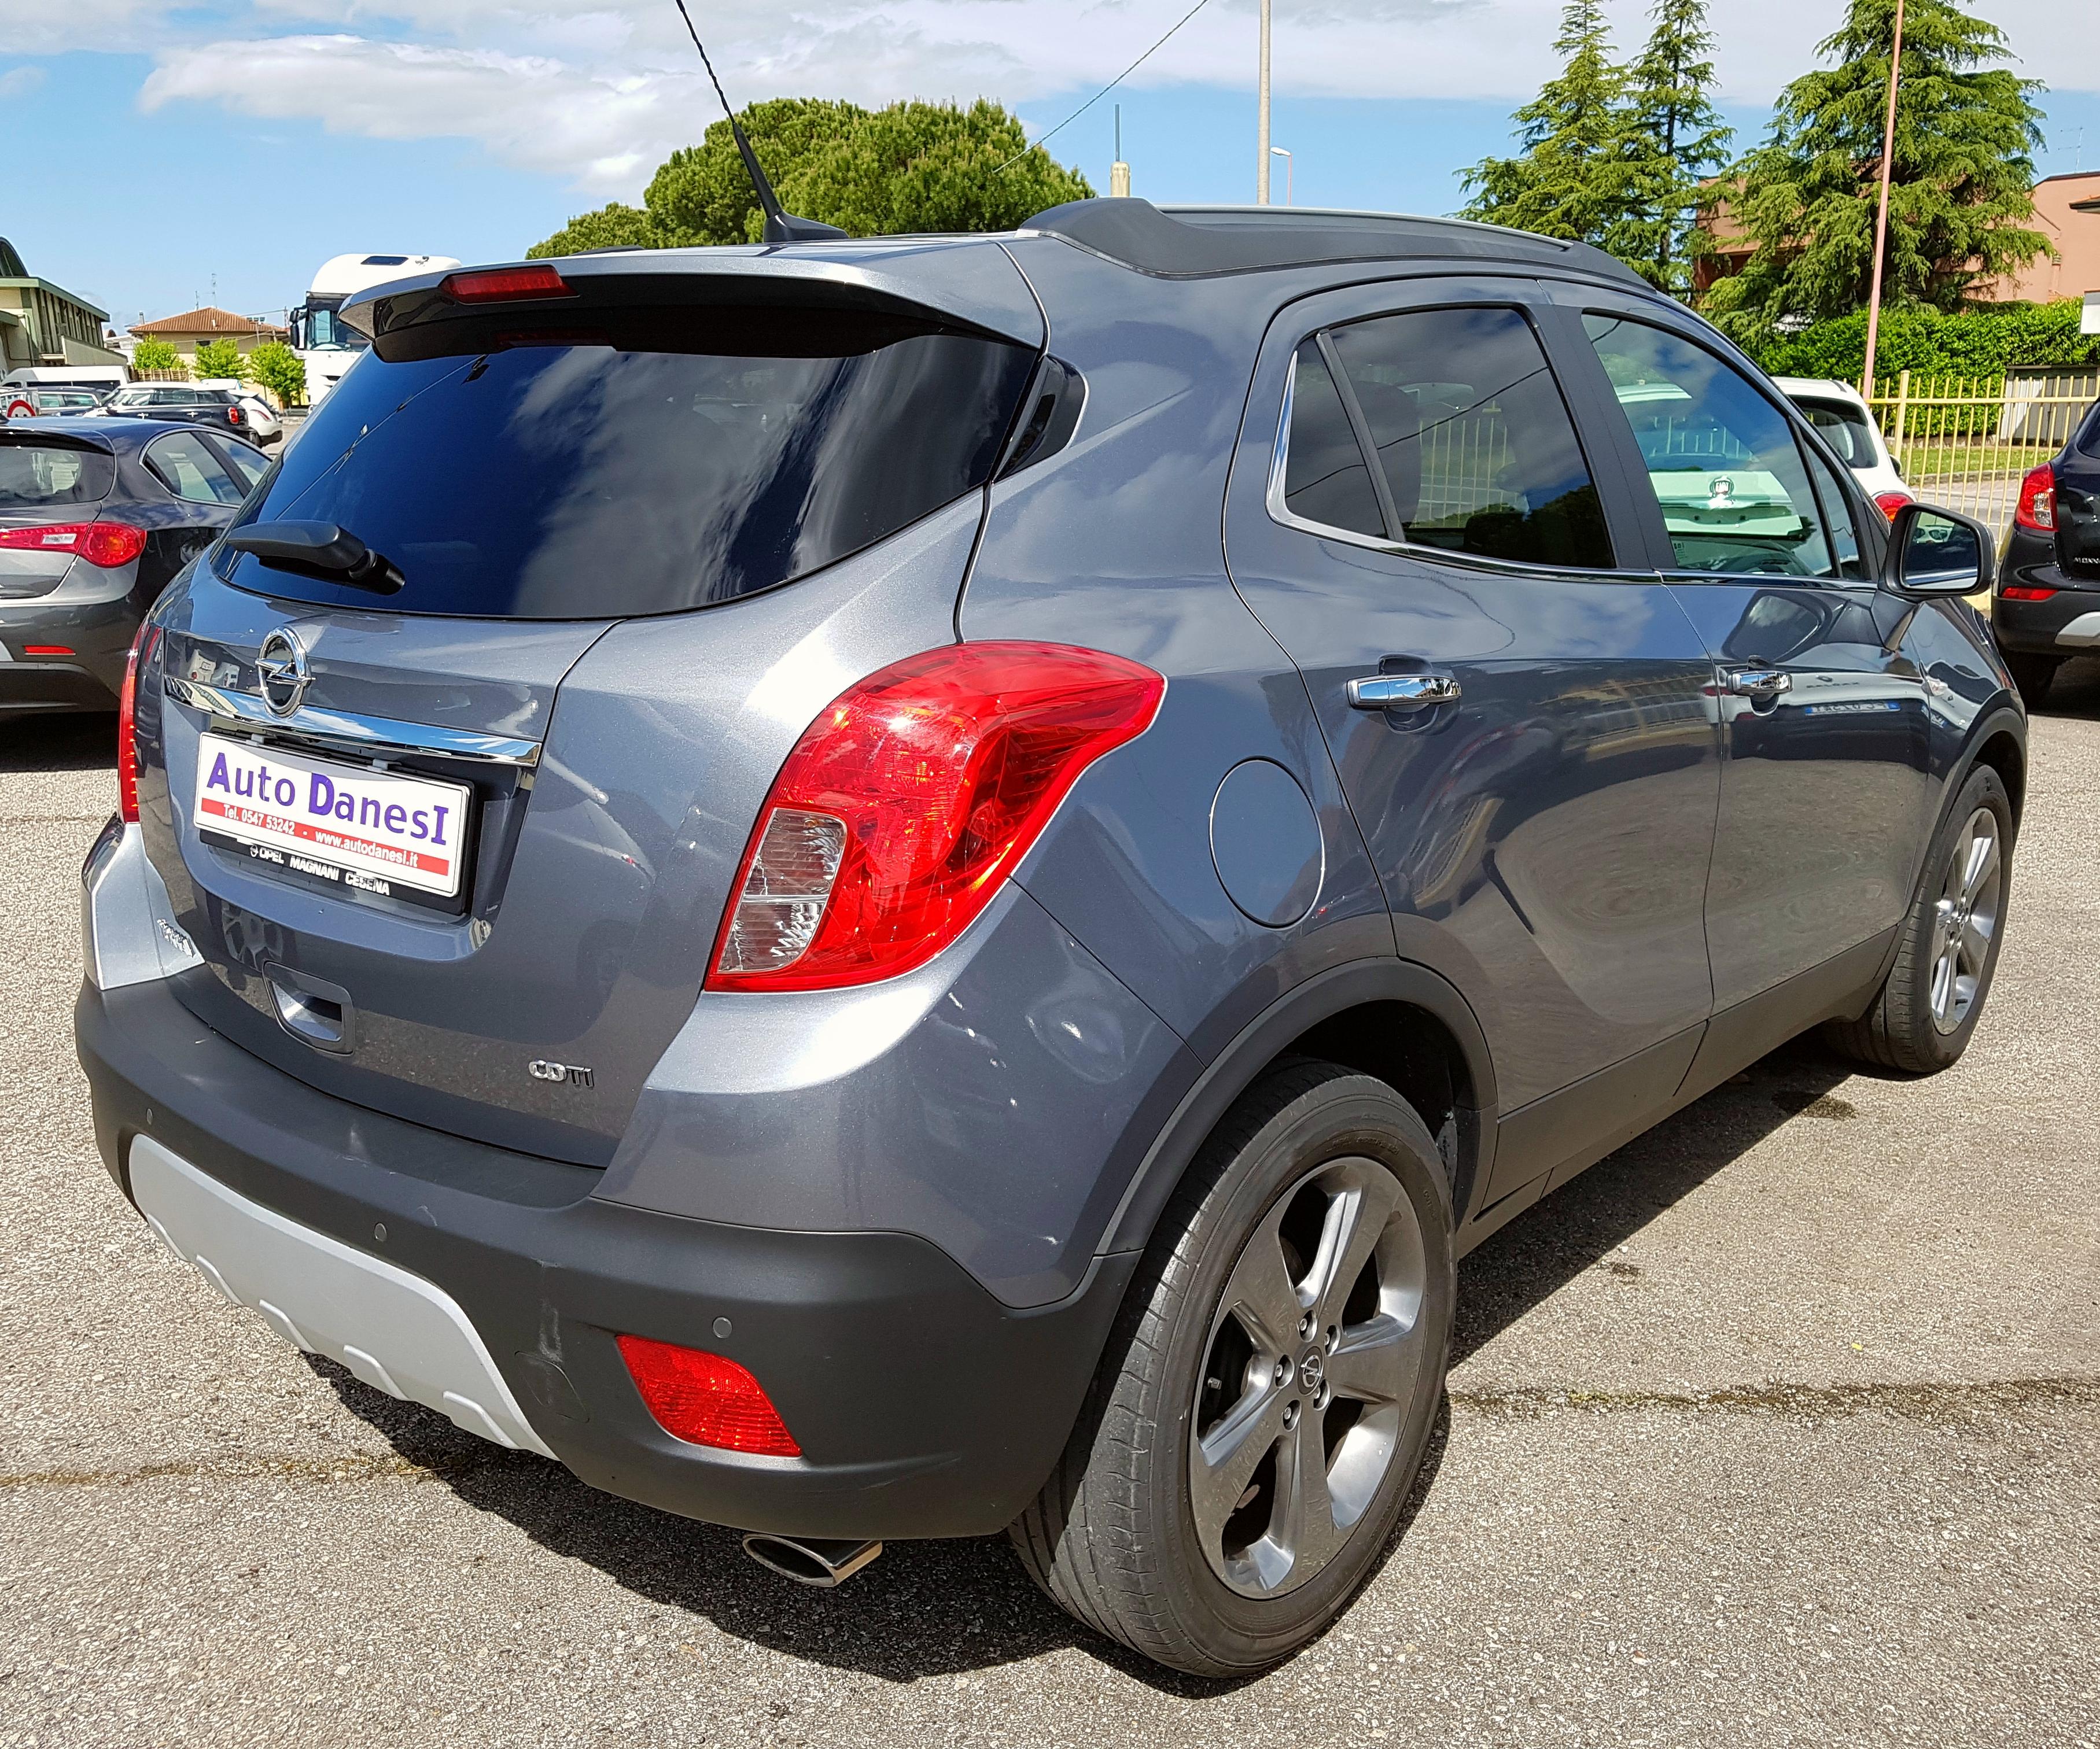 Opel mokka 1 7 cdti ecotec 130cv 4x2 automatica cosmo autodanesi vendita auto nuove e usate - Modulo chiusura automatica specchi retrovisori ...